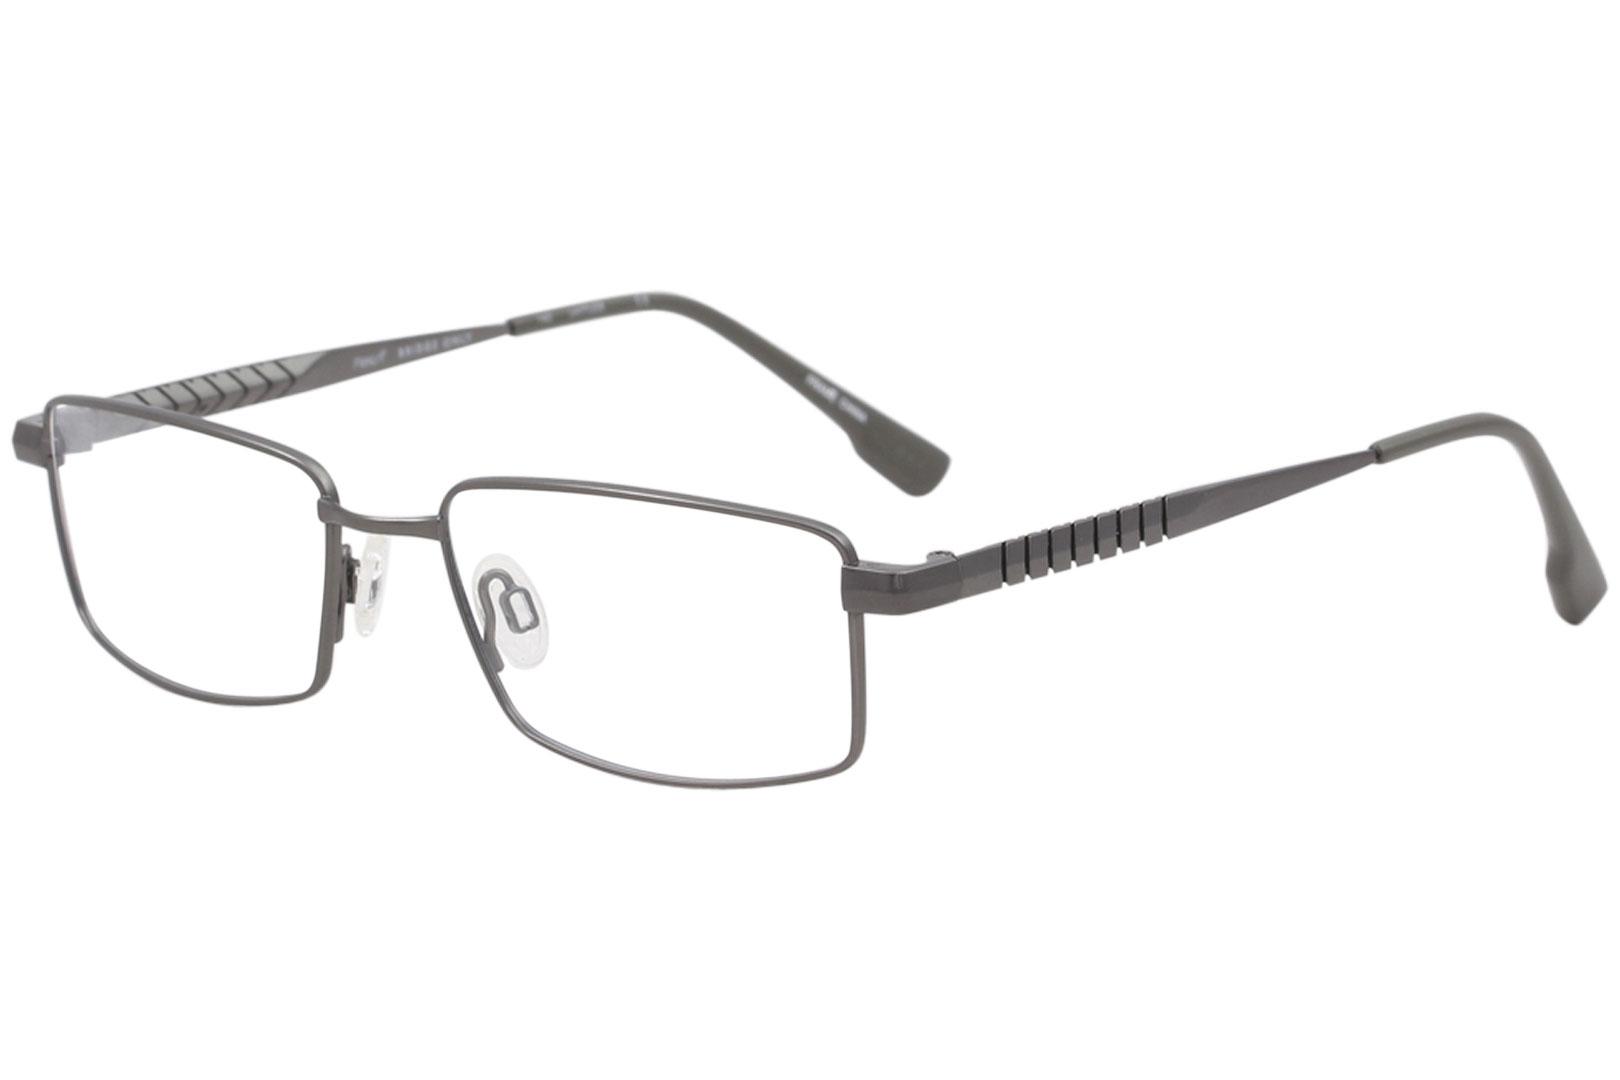 2efe7cf3b22 Flexon Men s Eyeglasses E1012 E 1012 033 Gunmetal Full Rim Optical ...